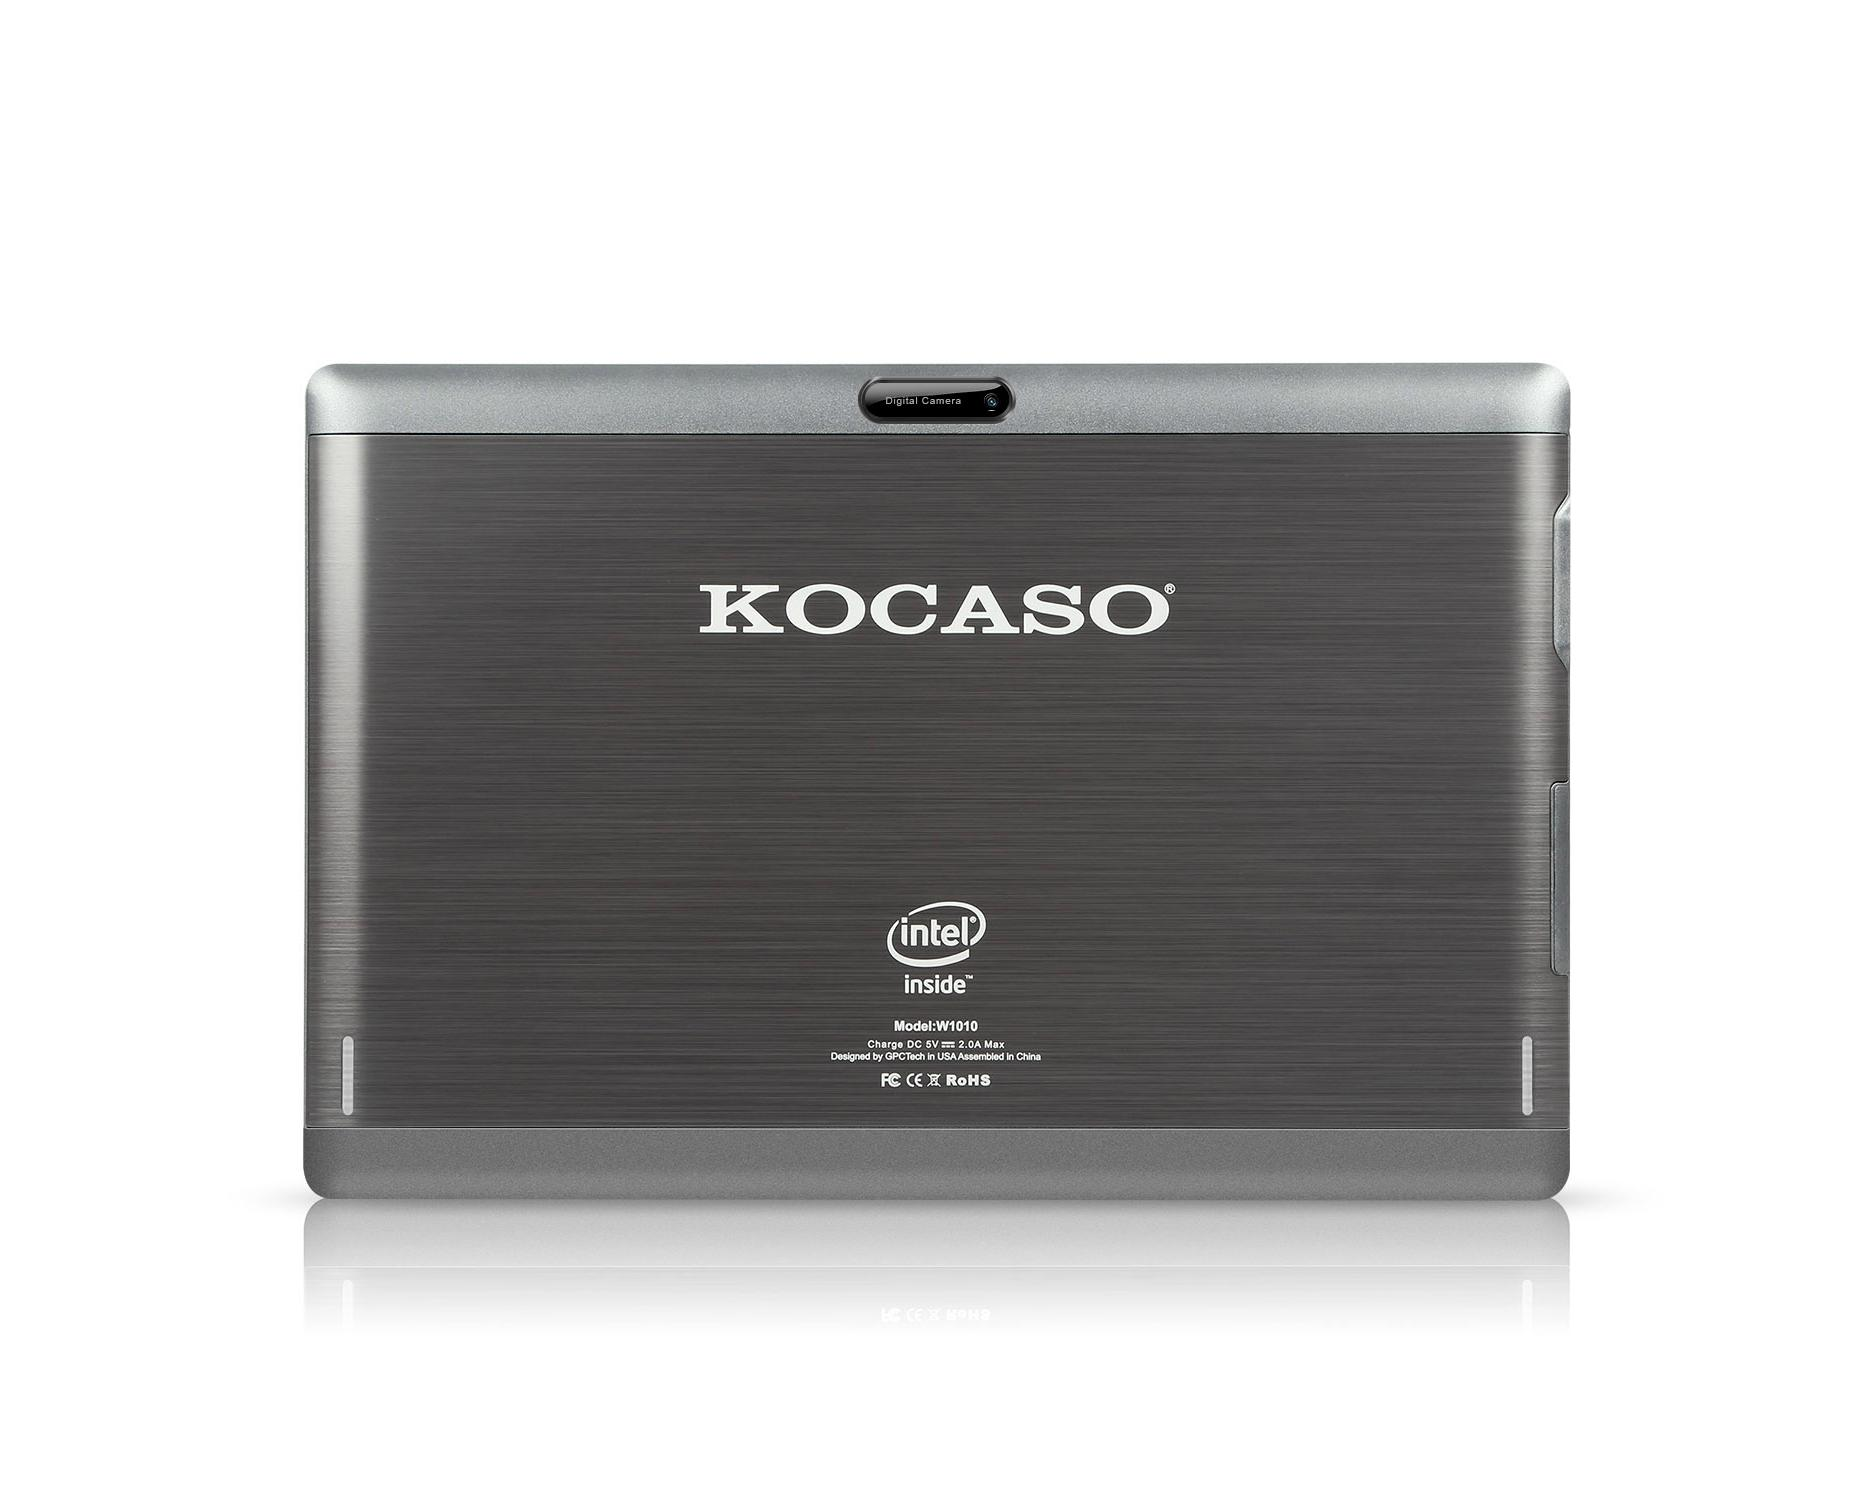 Kocaso W1010 101 32GB Windows 10 Tablet